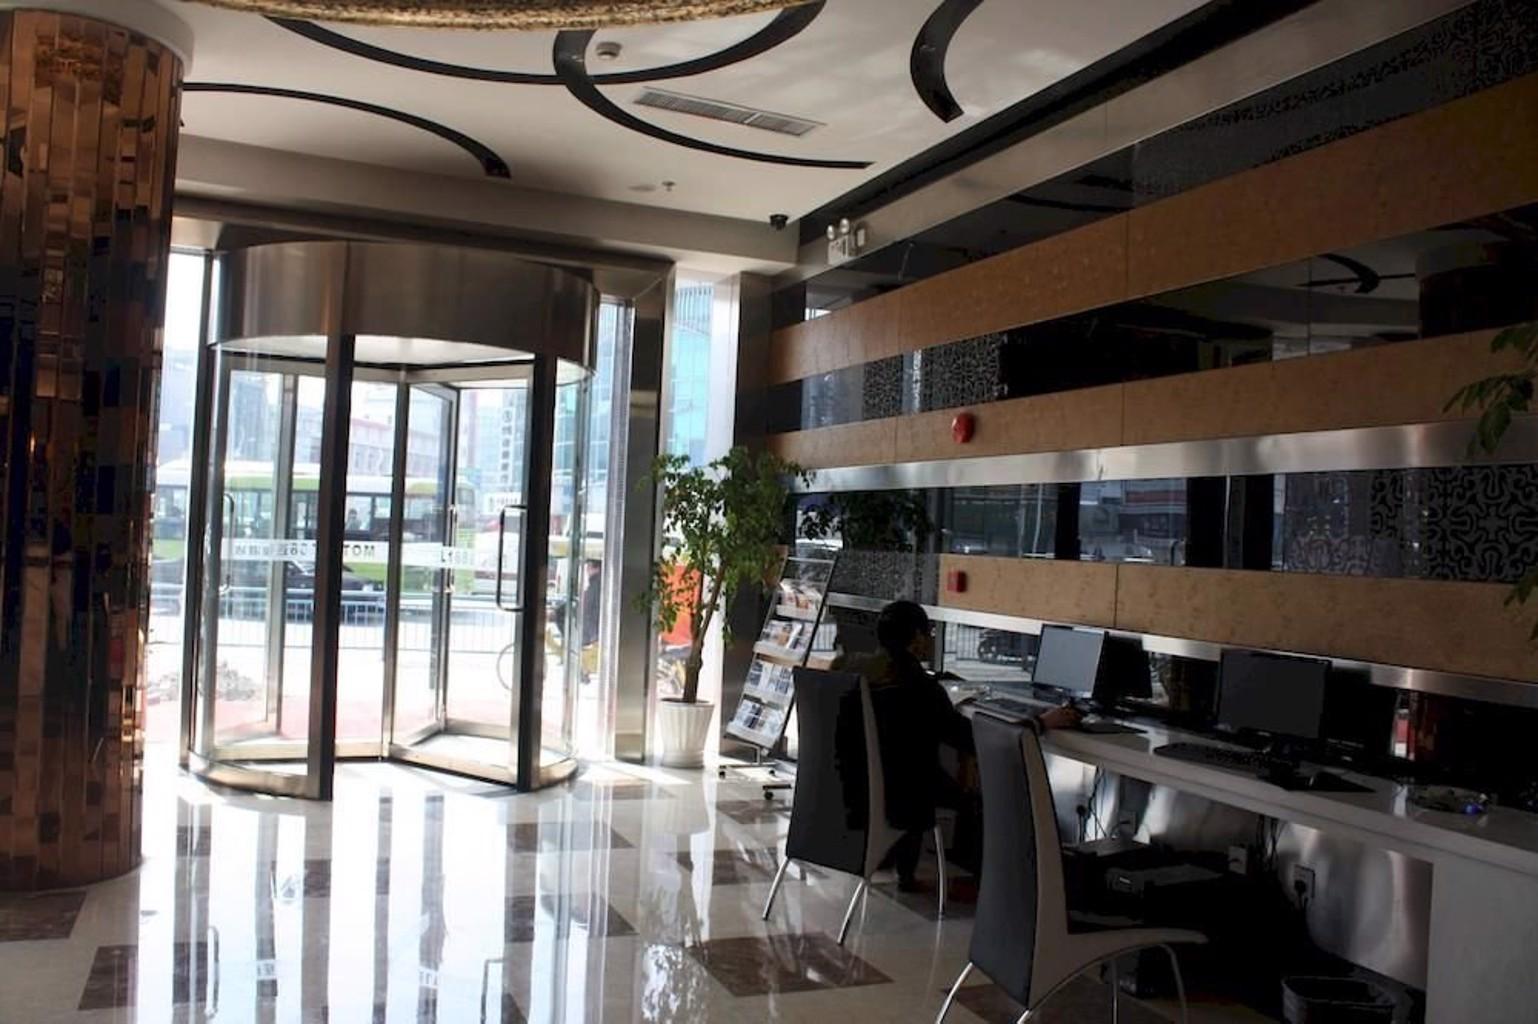 Gallery image of Chang Shu Rong He Jing Pin Jiu Dian